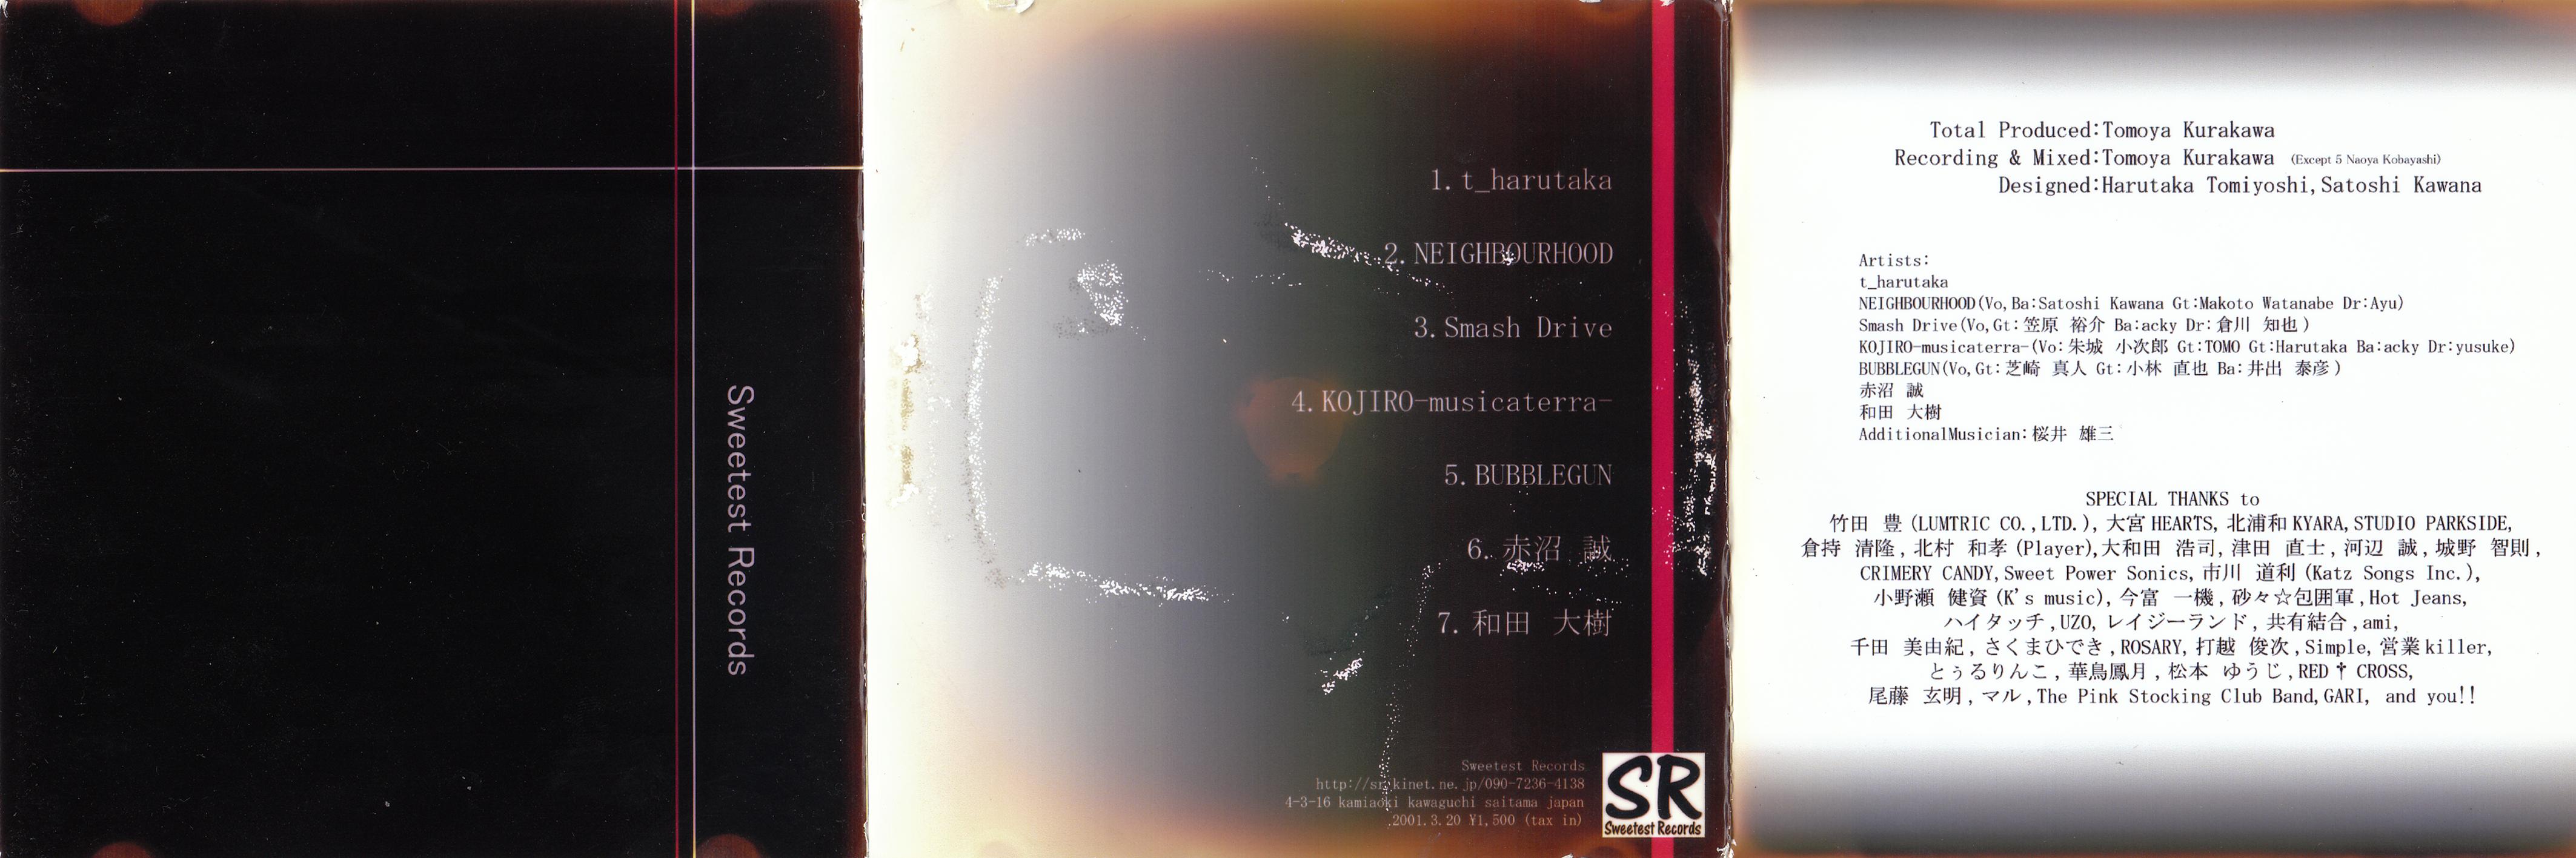 SRCDR-0003|デザインスキャン